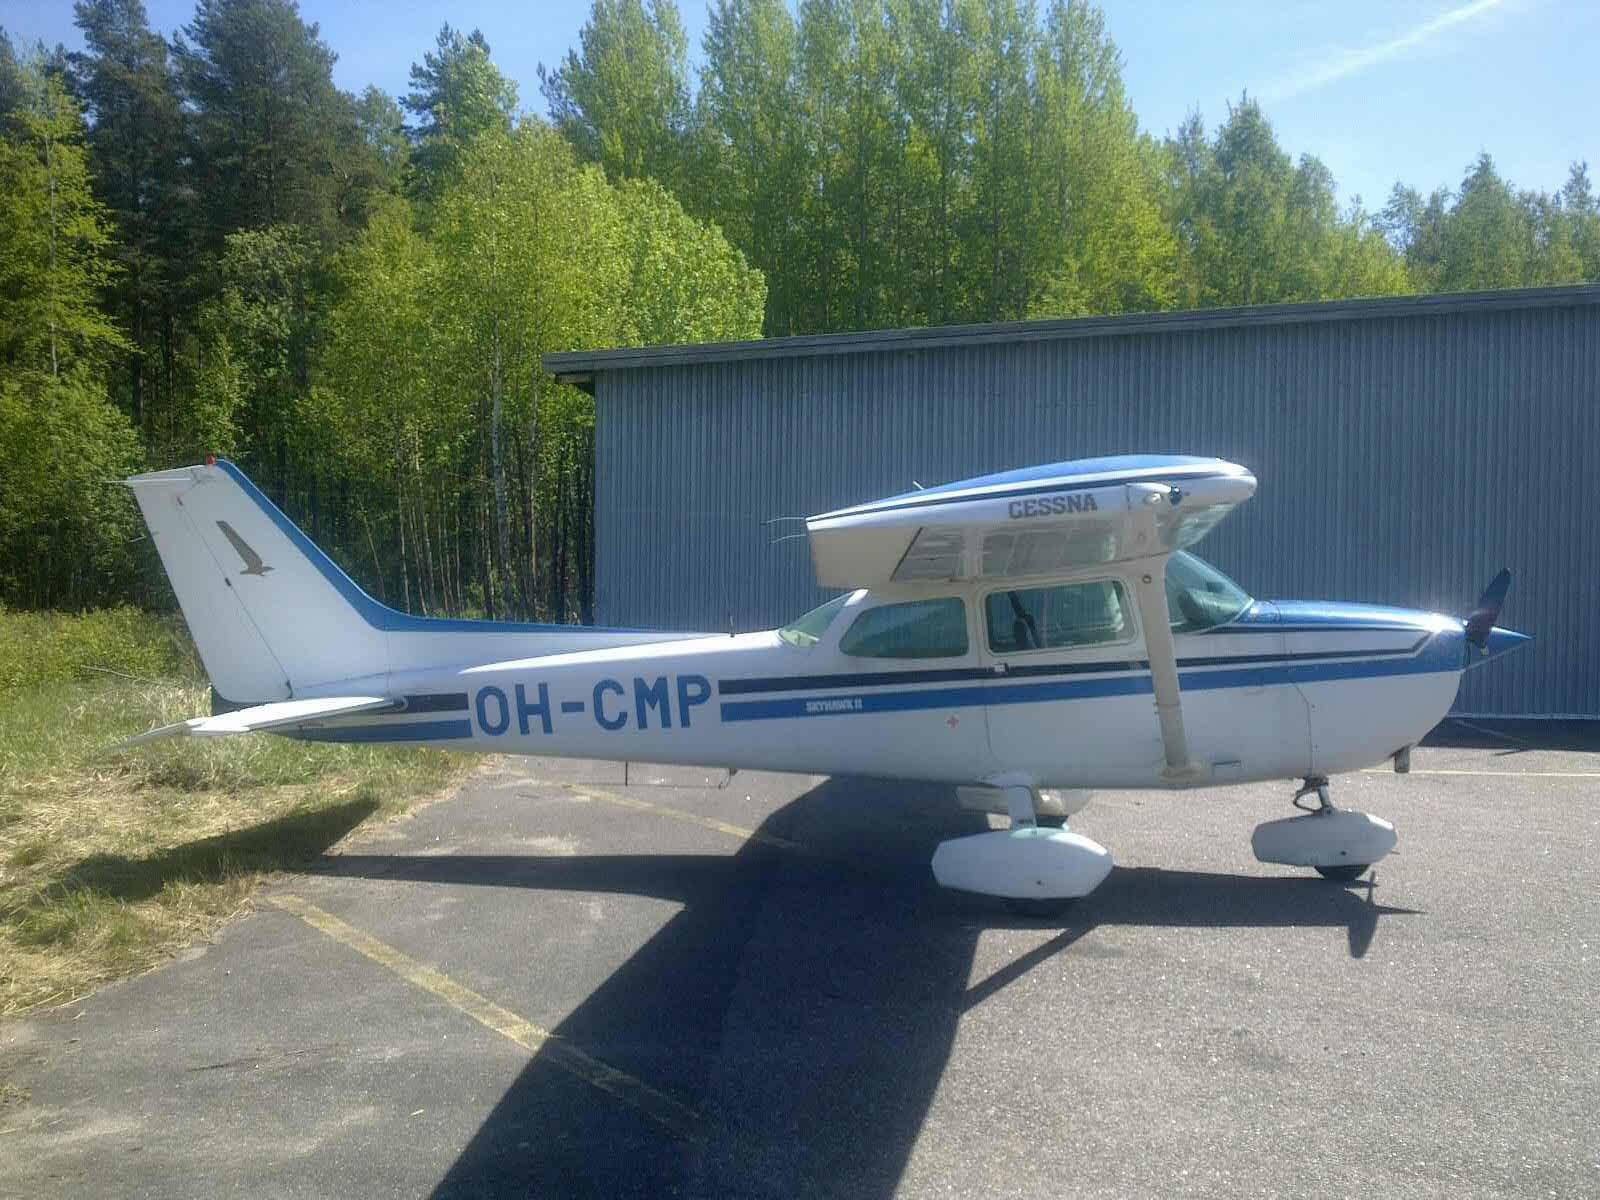 Cessna C172P OH-CMP EFHN 2017-06-06